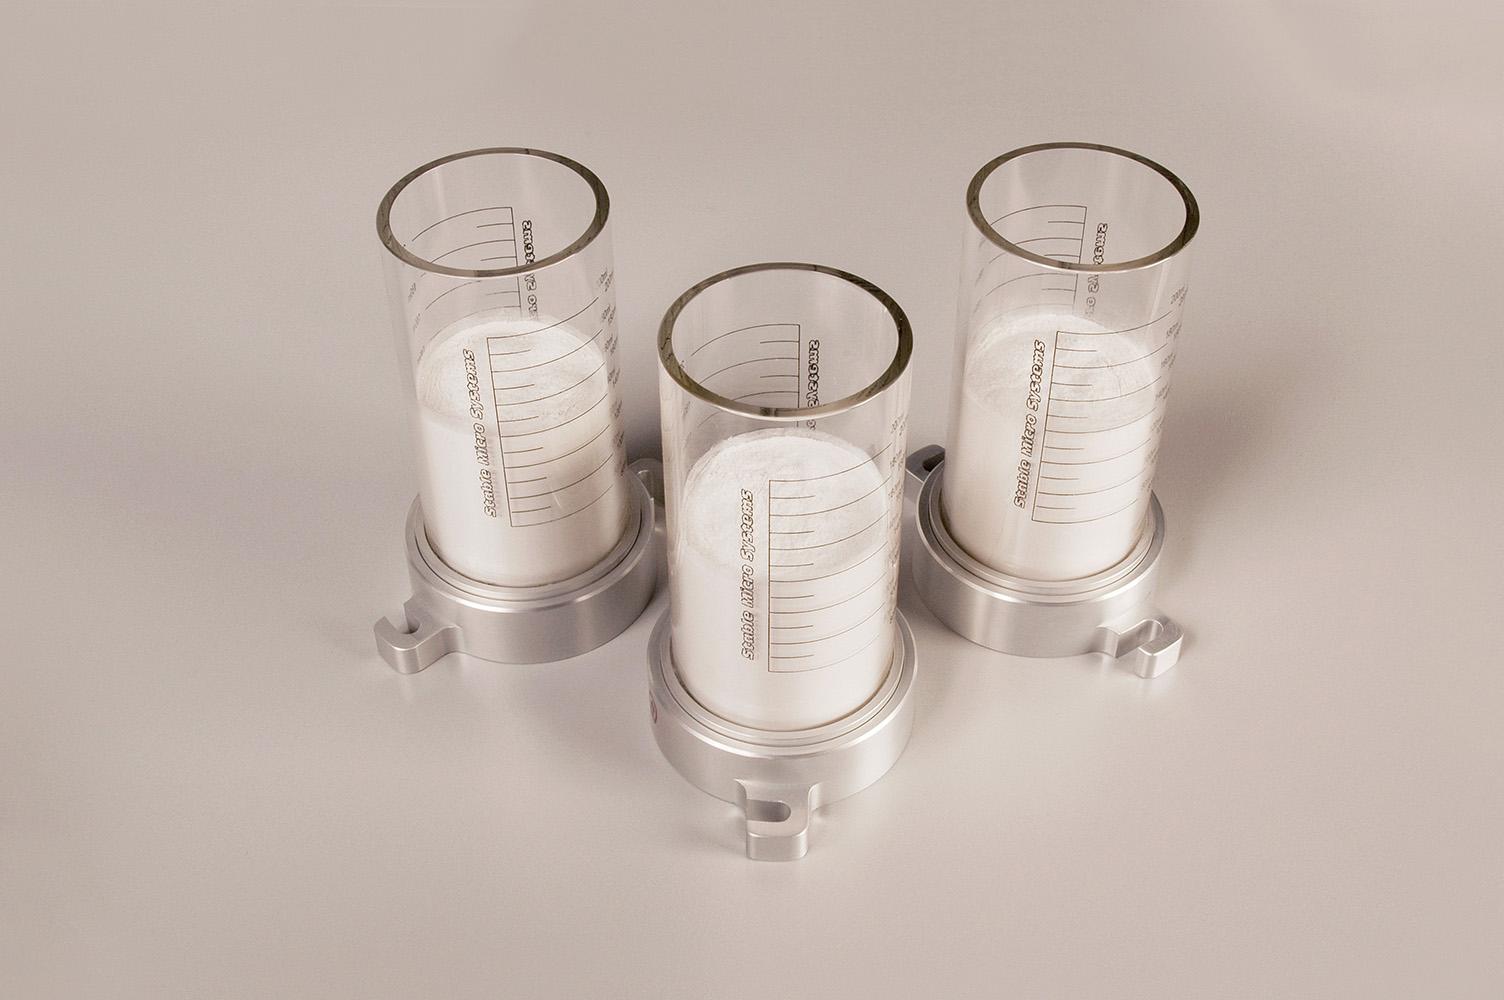 image of powder flow analyzer vessels